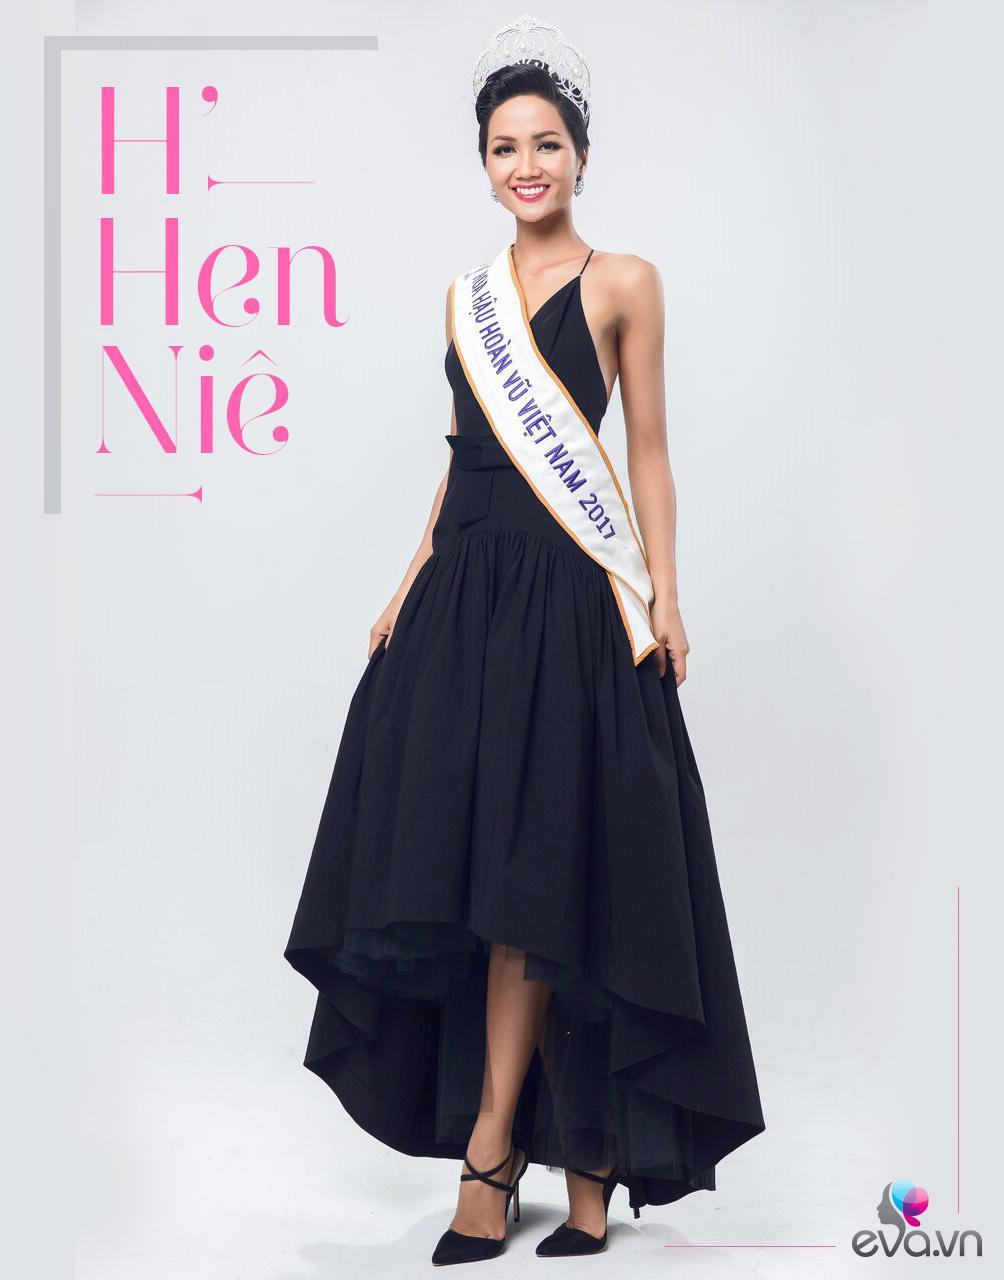 Hoa hậu H hen Niê: Món đồ đắt nhất của tôi là 2 triệu, rẻ nhất là 2 ngàn đồng-13